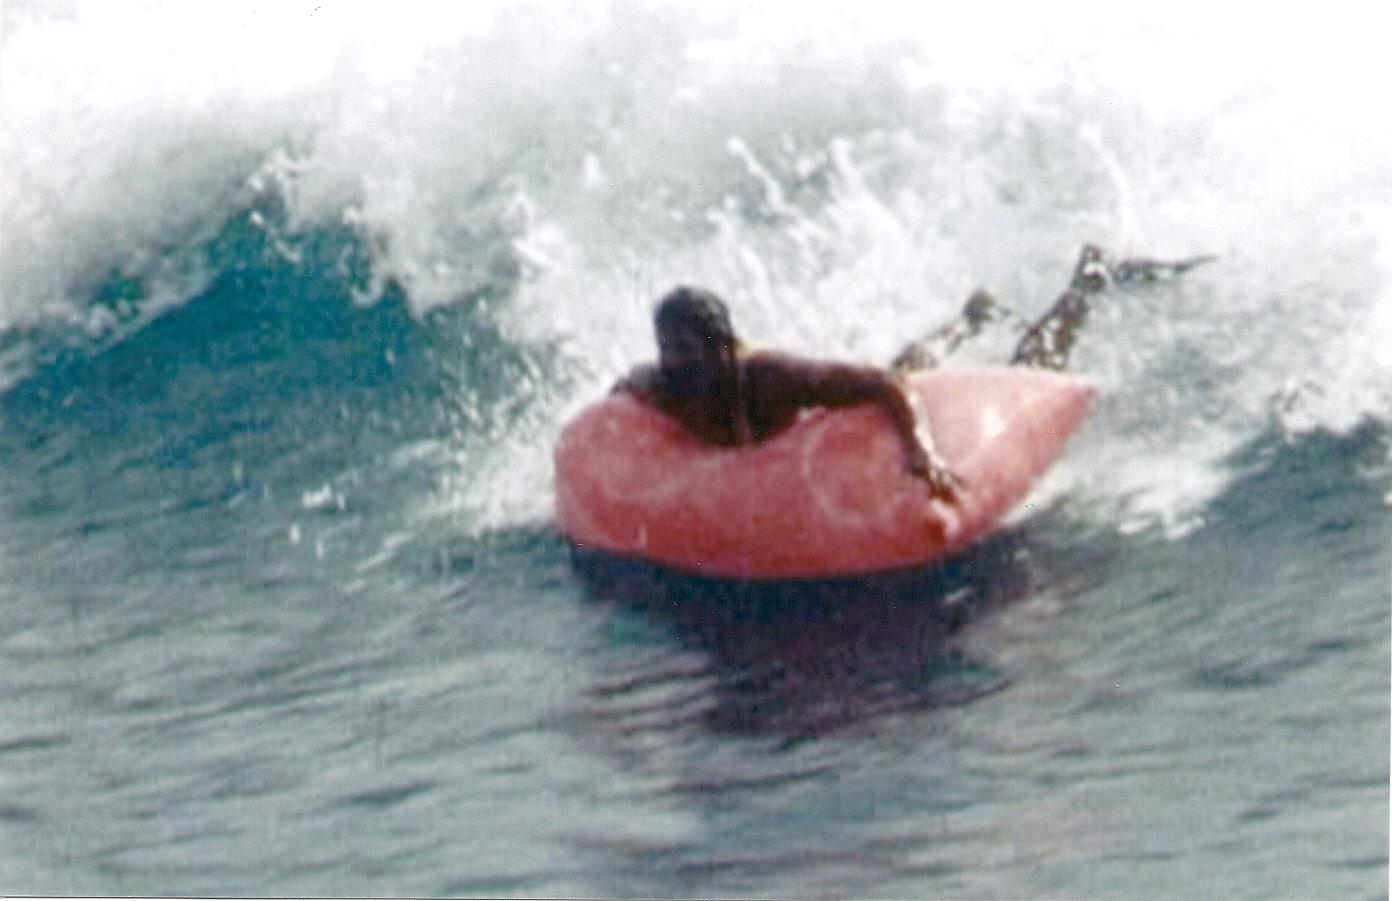 Al Santos surfing at Makaha, Oahu, in the 1973